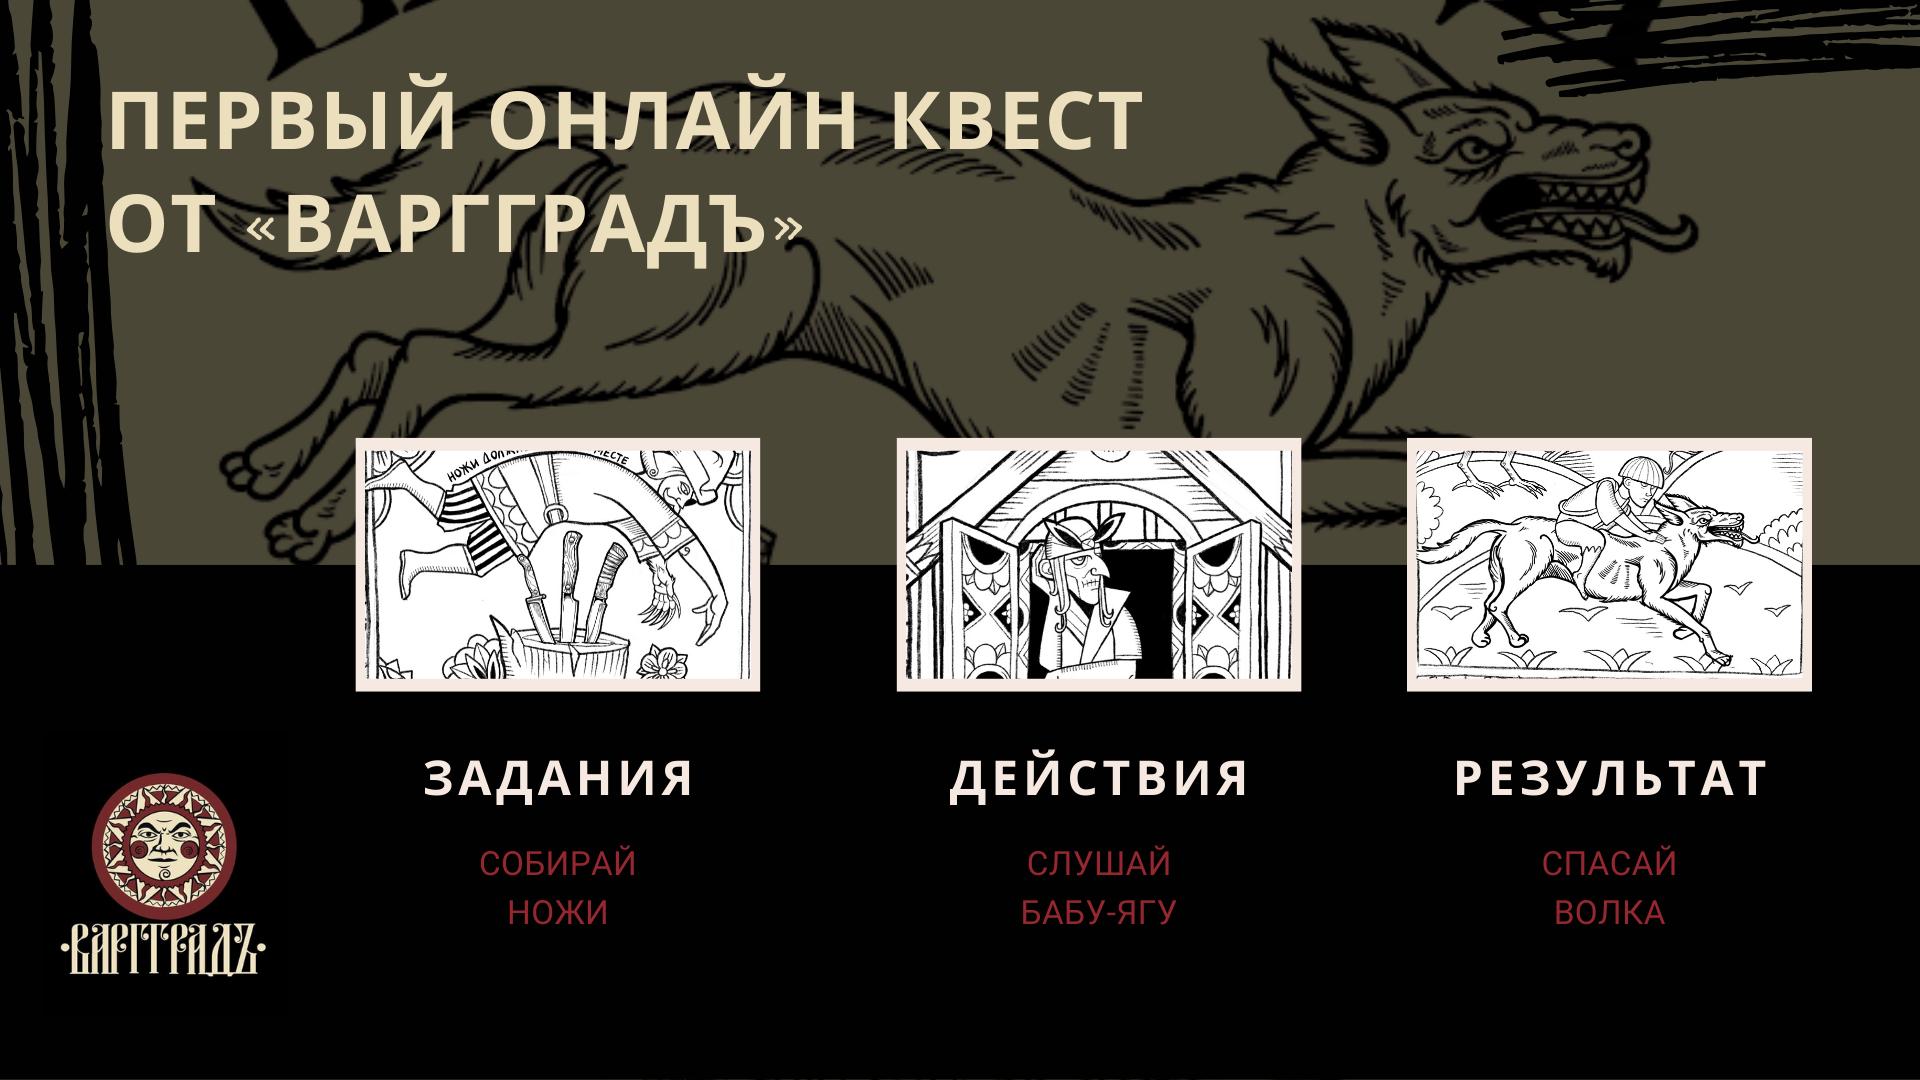 ПЕРВЫЙ ИГРОВОЙ КВЕСТ ОТ ВАРГГРАДЪ